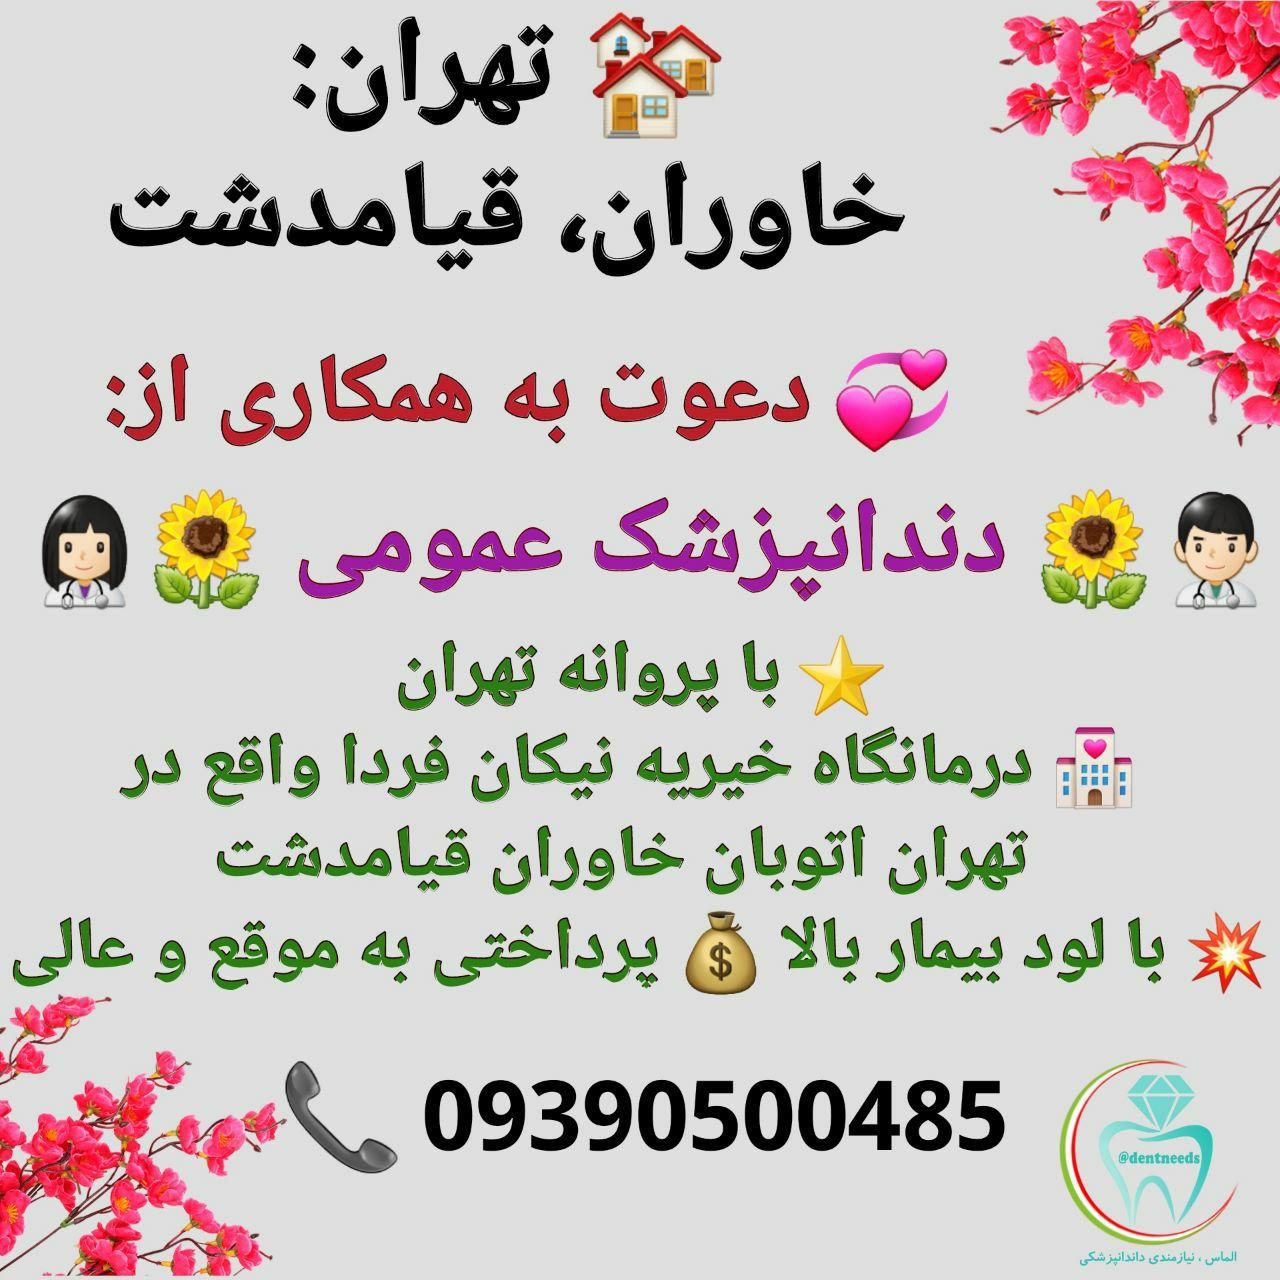 تهران: خاوران، قیامدشت، دعوت به همکاری از دندانپزشک عمومی